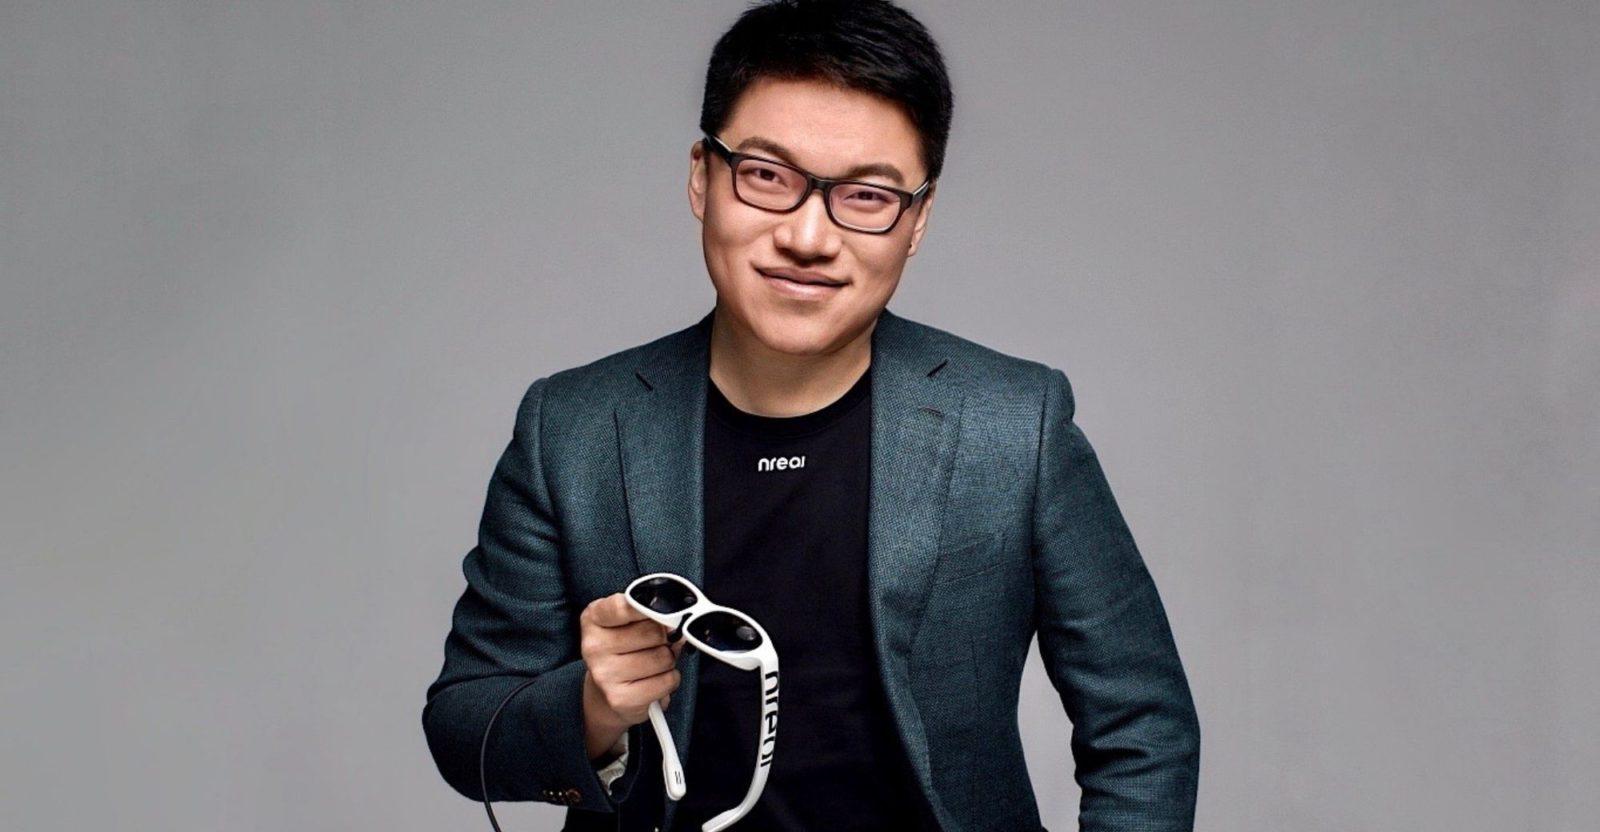 VR expert Chi Xu